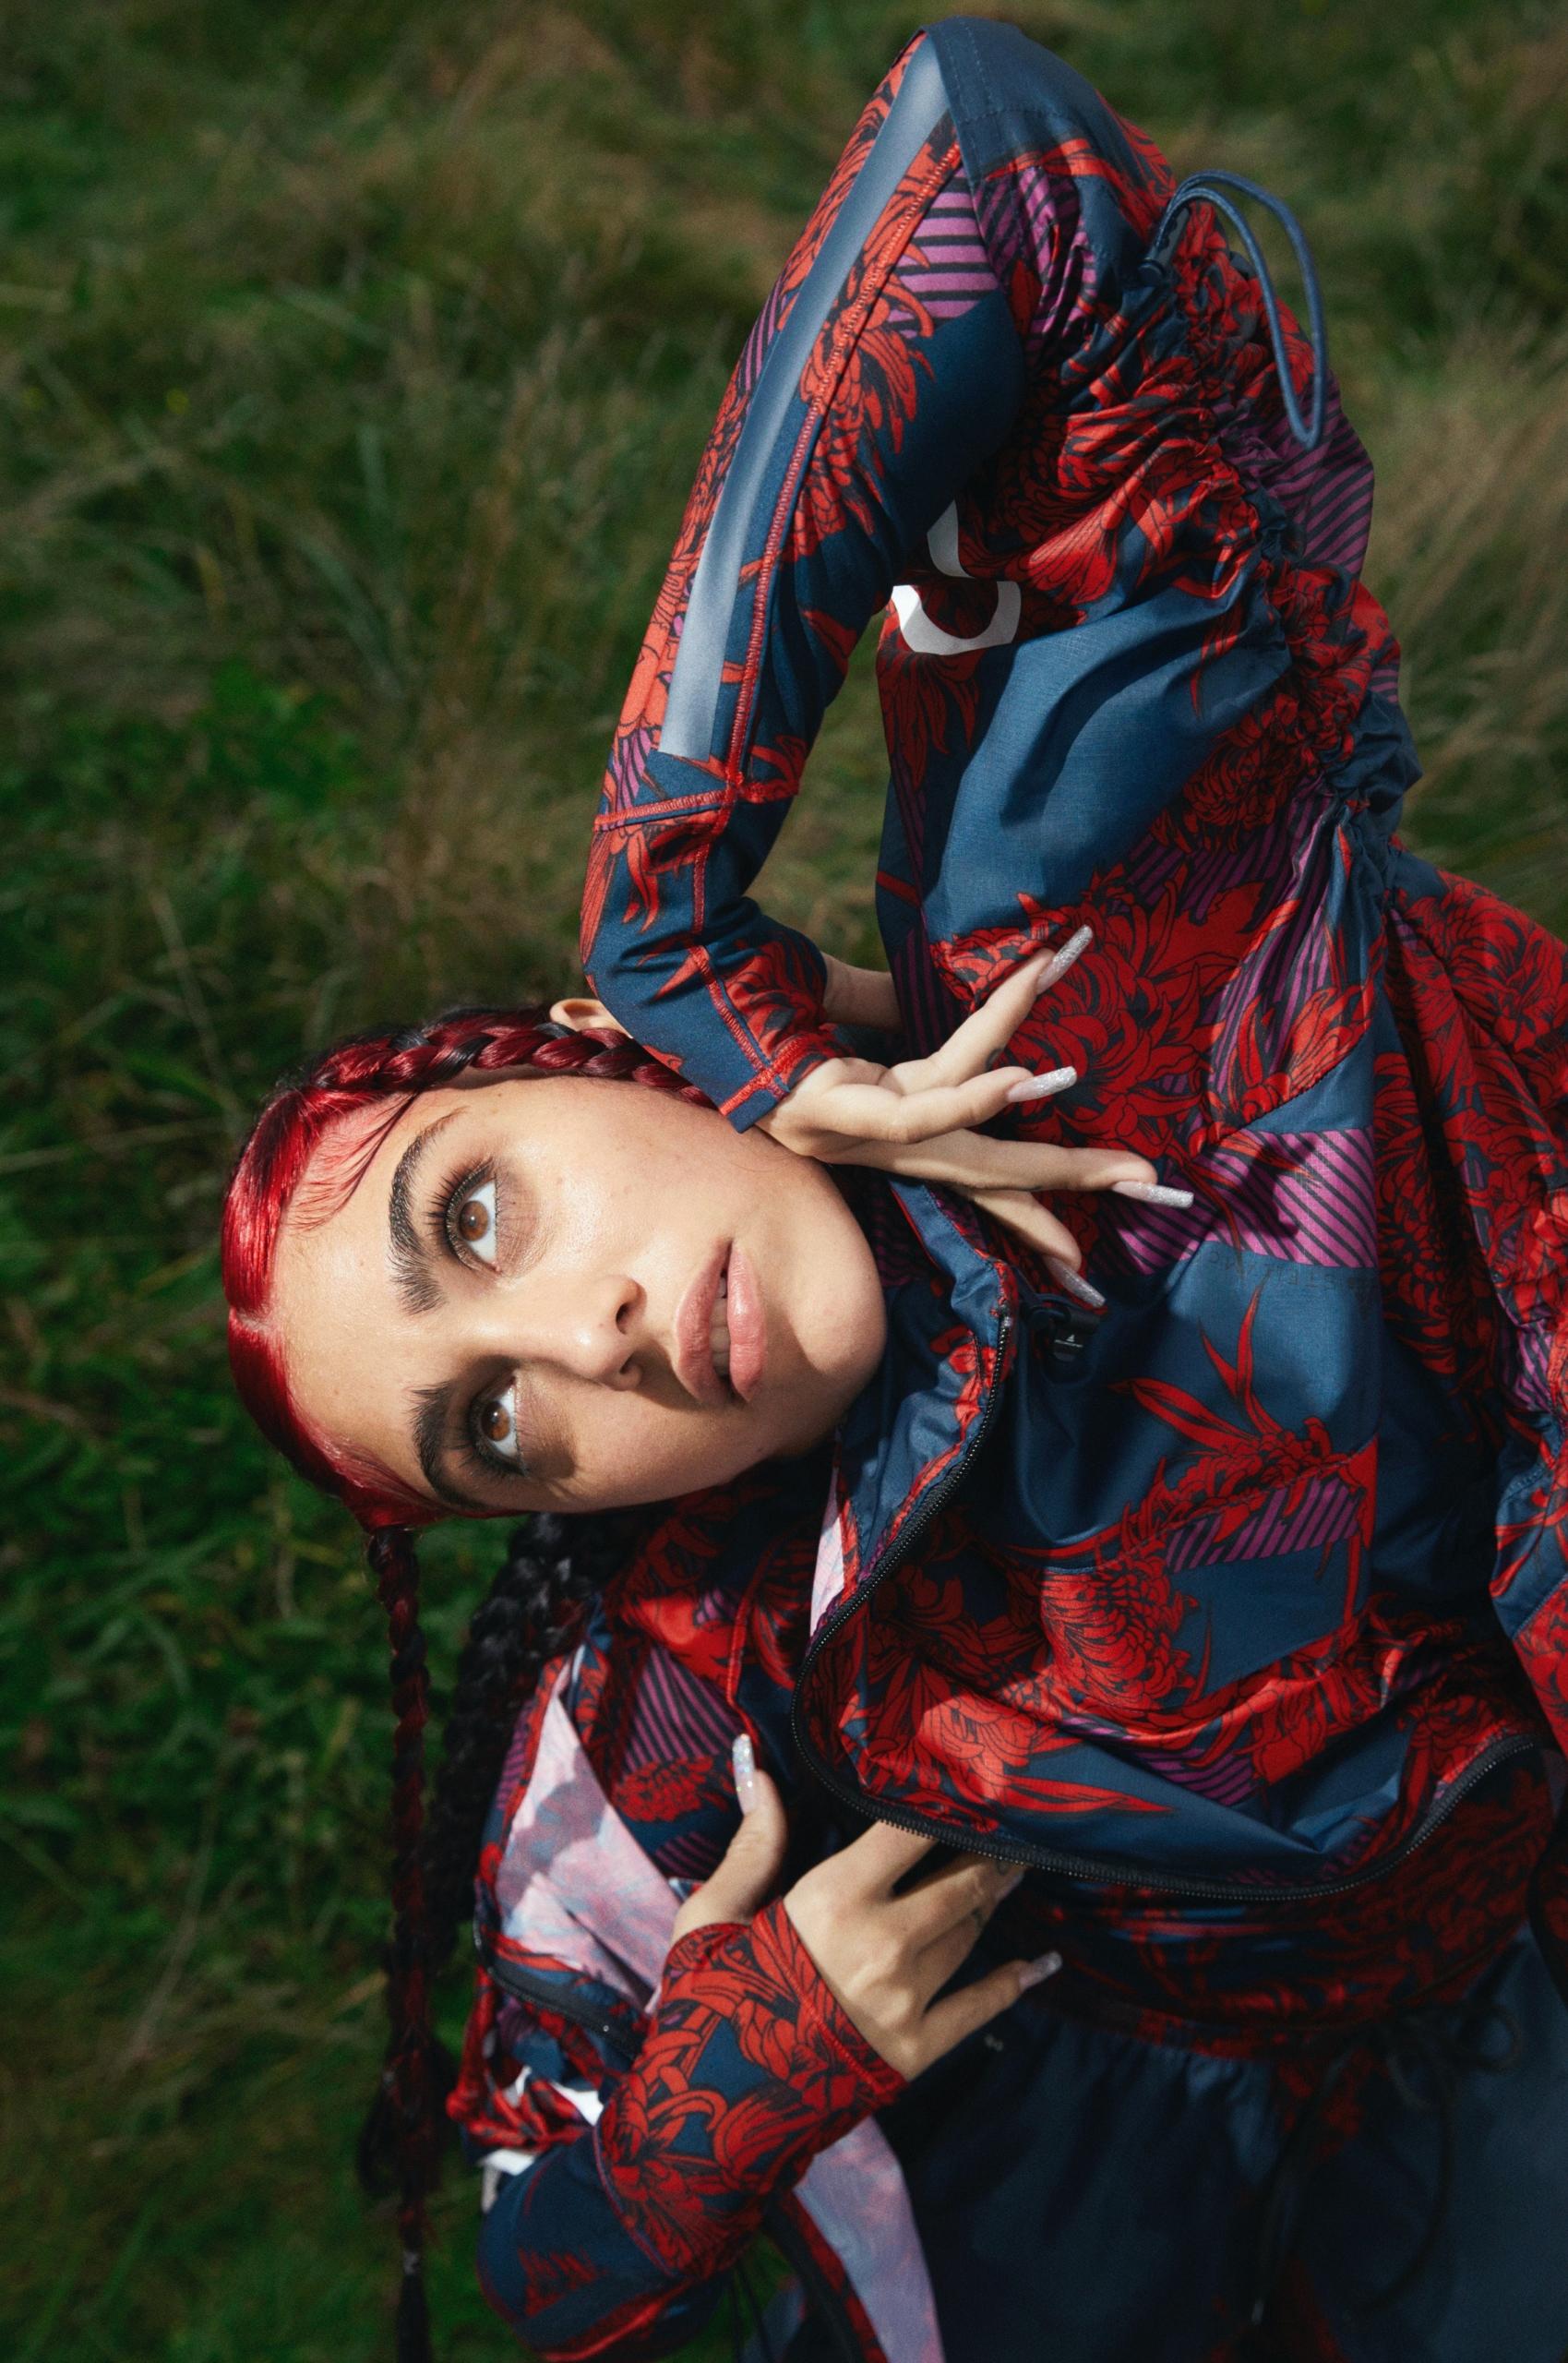 La nueva colección ecológica y vegana de Stella McCartney para Adidas está protagonizada por Lourdes león